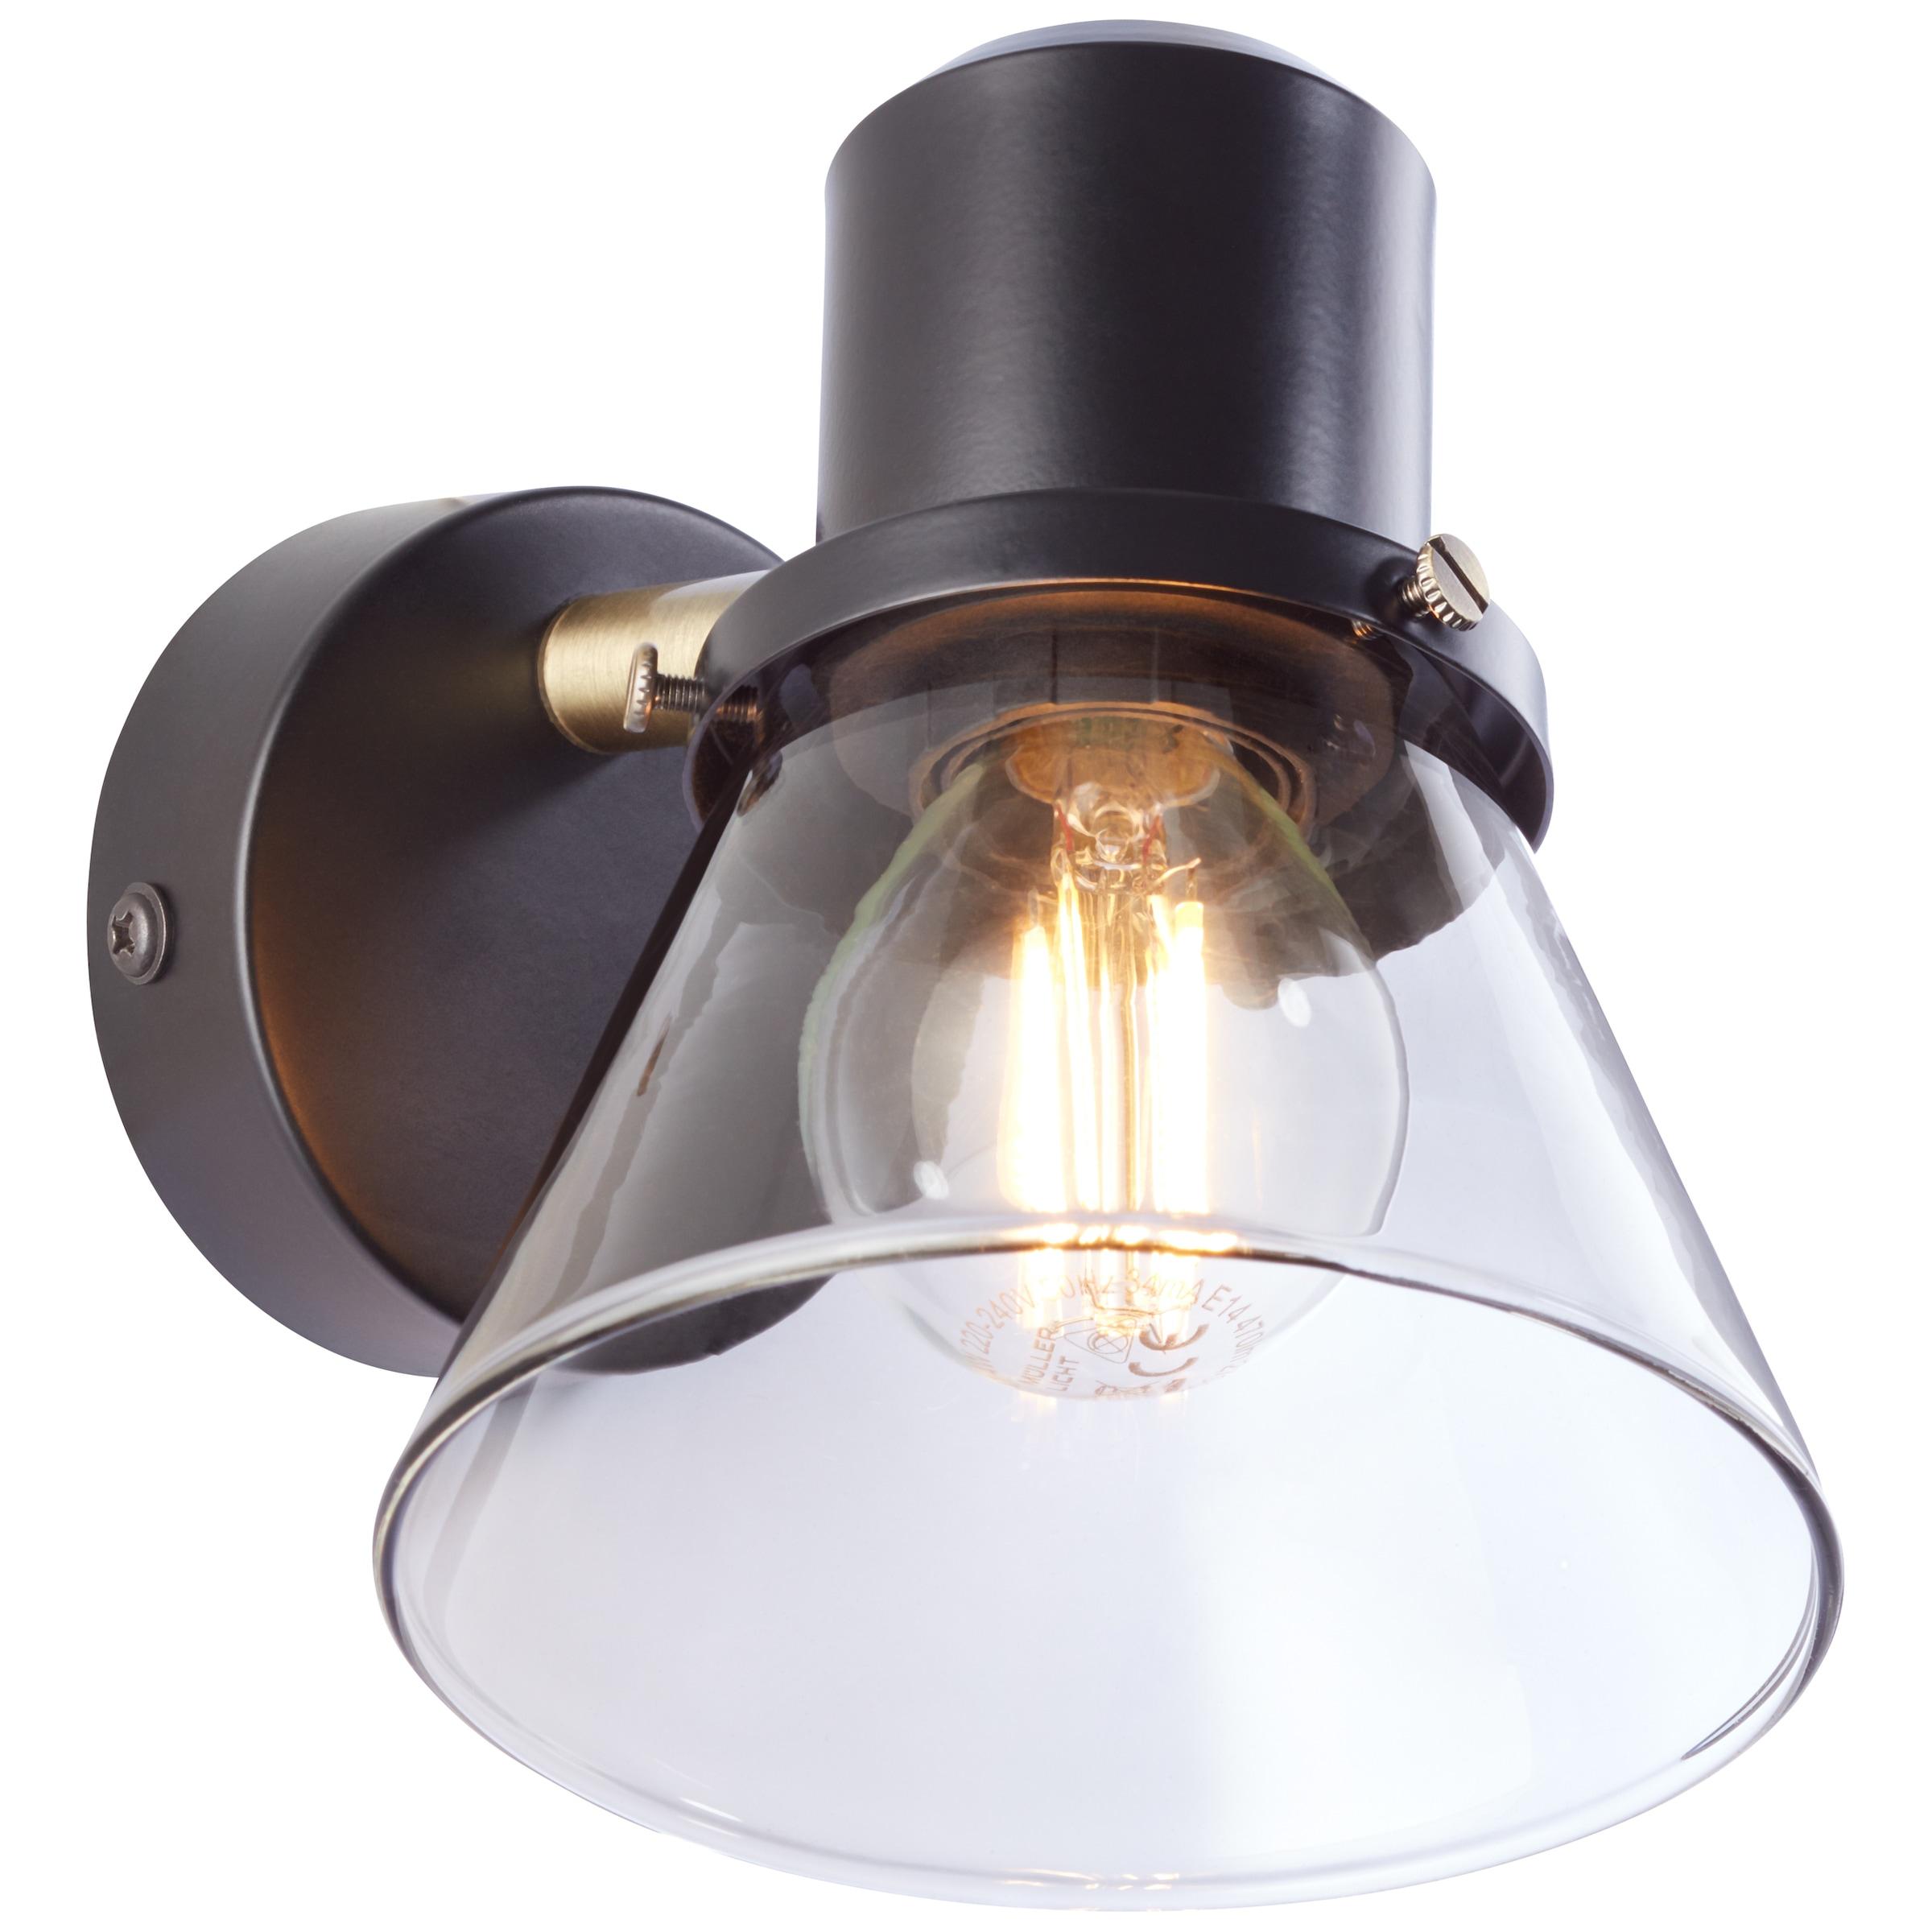 näve LED Deckenleuchte »Firenze«, inklusive Treiber und 24 LEDs